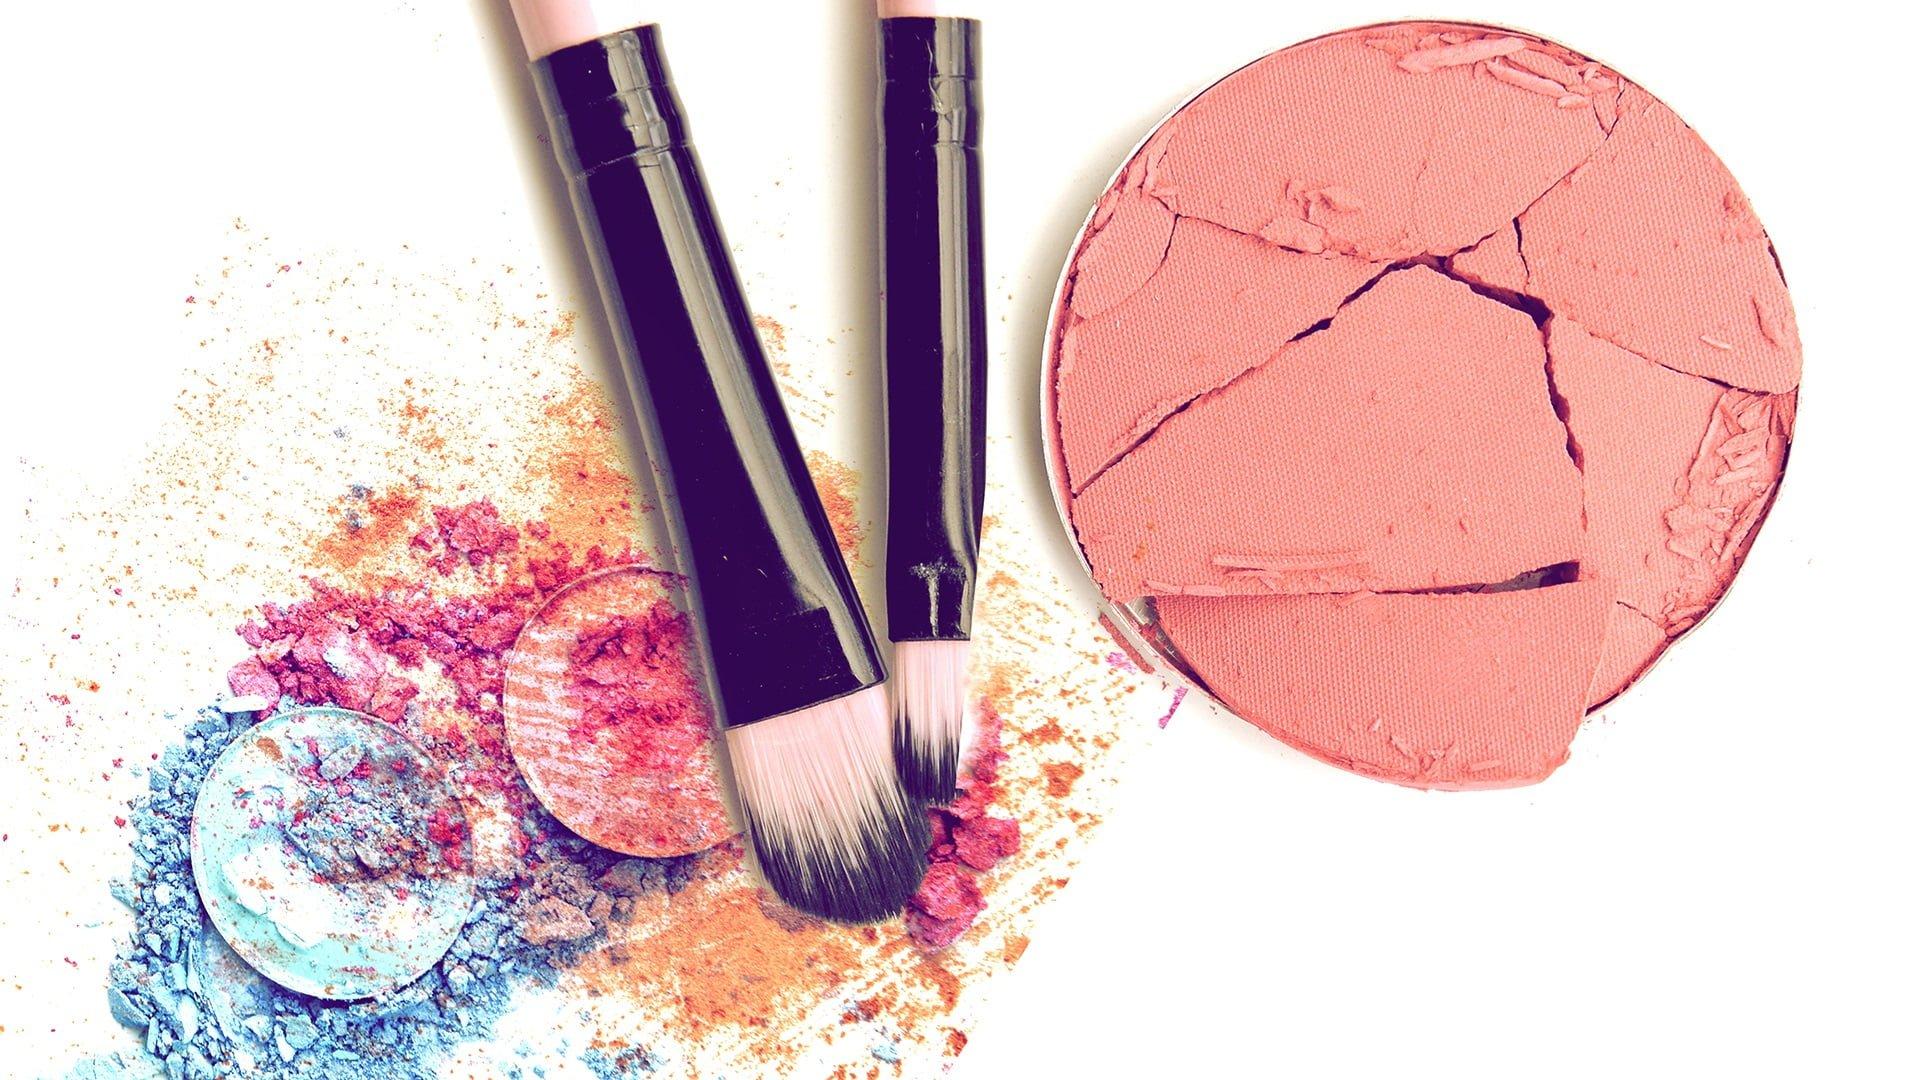 آماده سازی پوست قبل از آرایش – آموزش یک گام اساسی در زیبایی